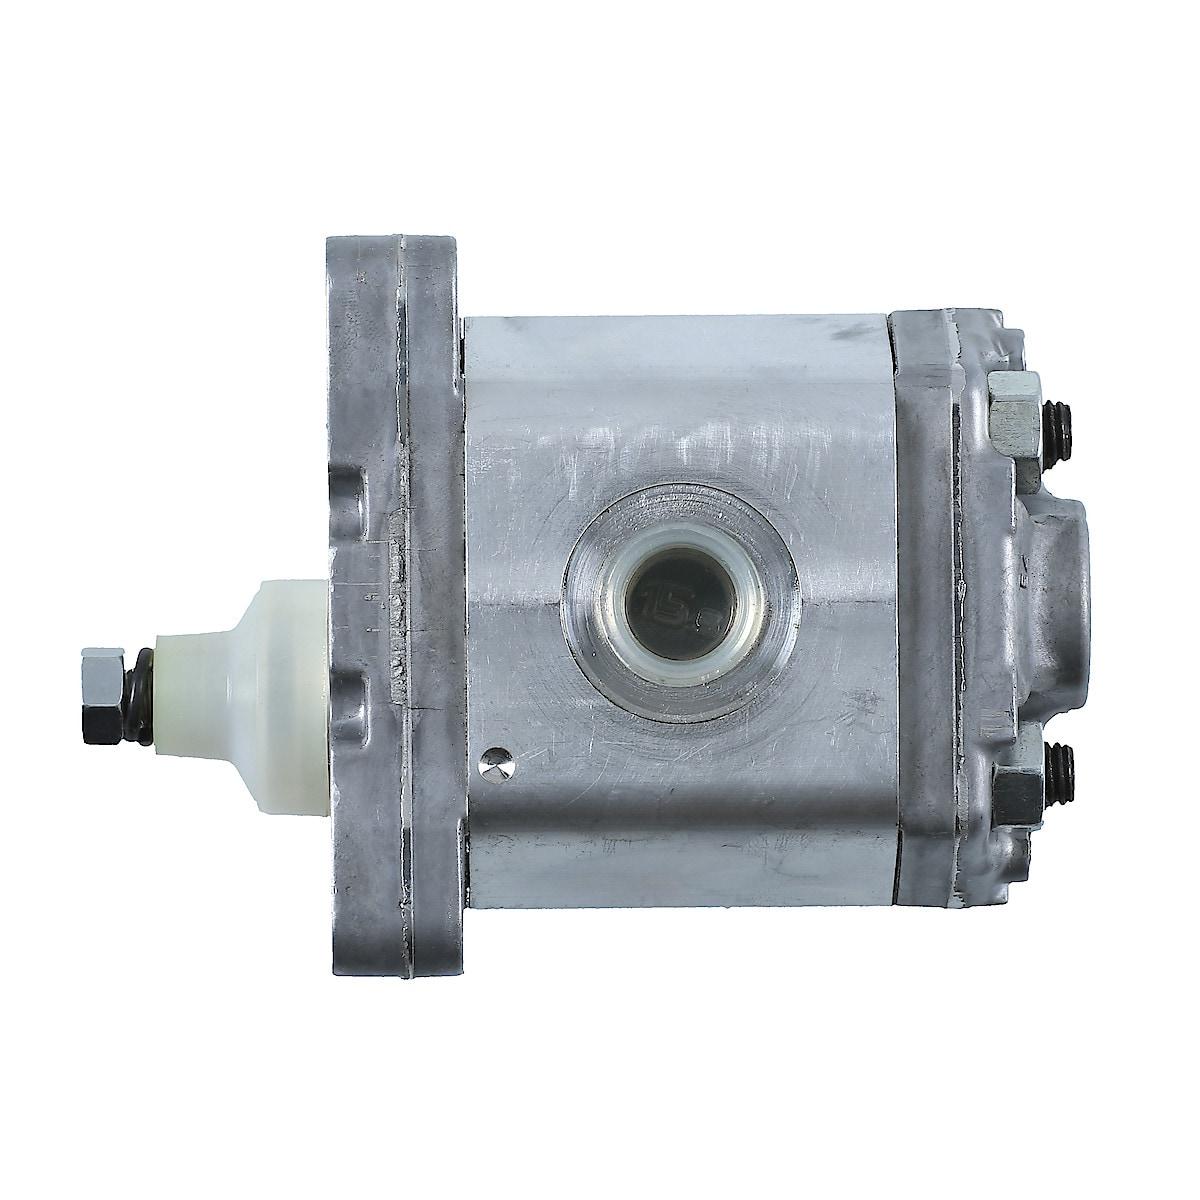 Pump för 1400 rpm motor